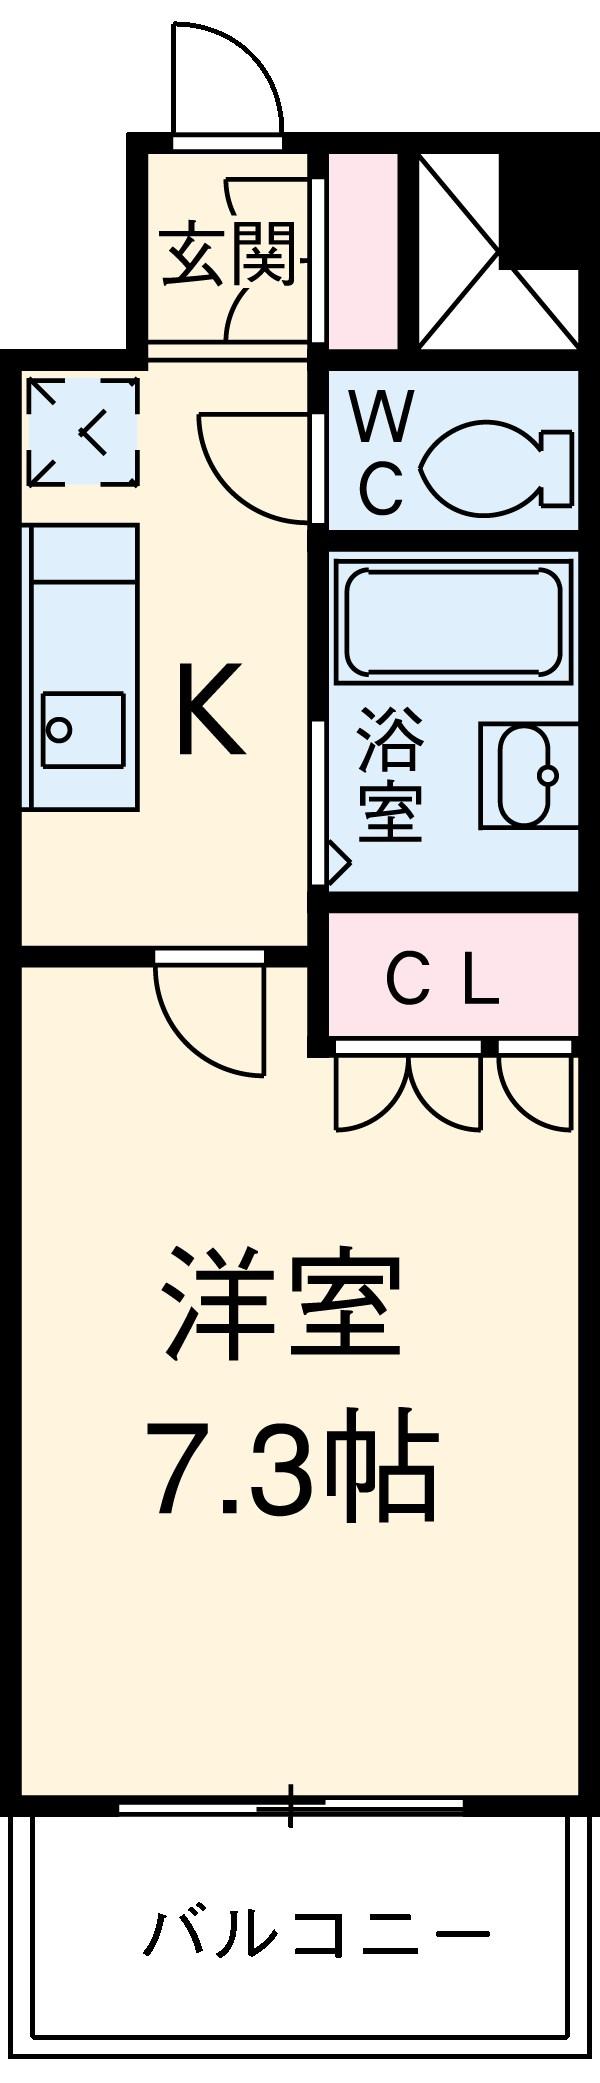 スペーシア川崎Ⅲ 411号室の間取り